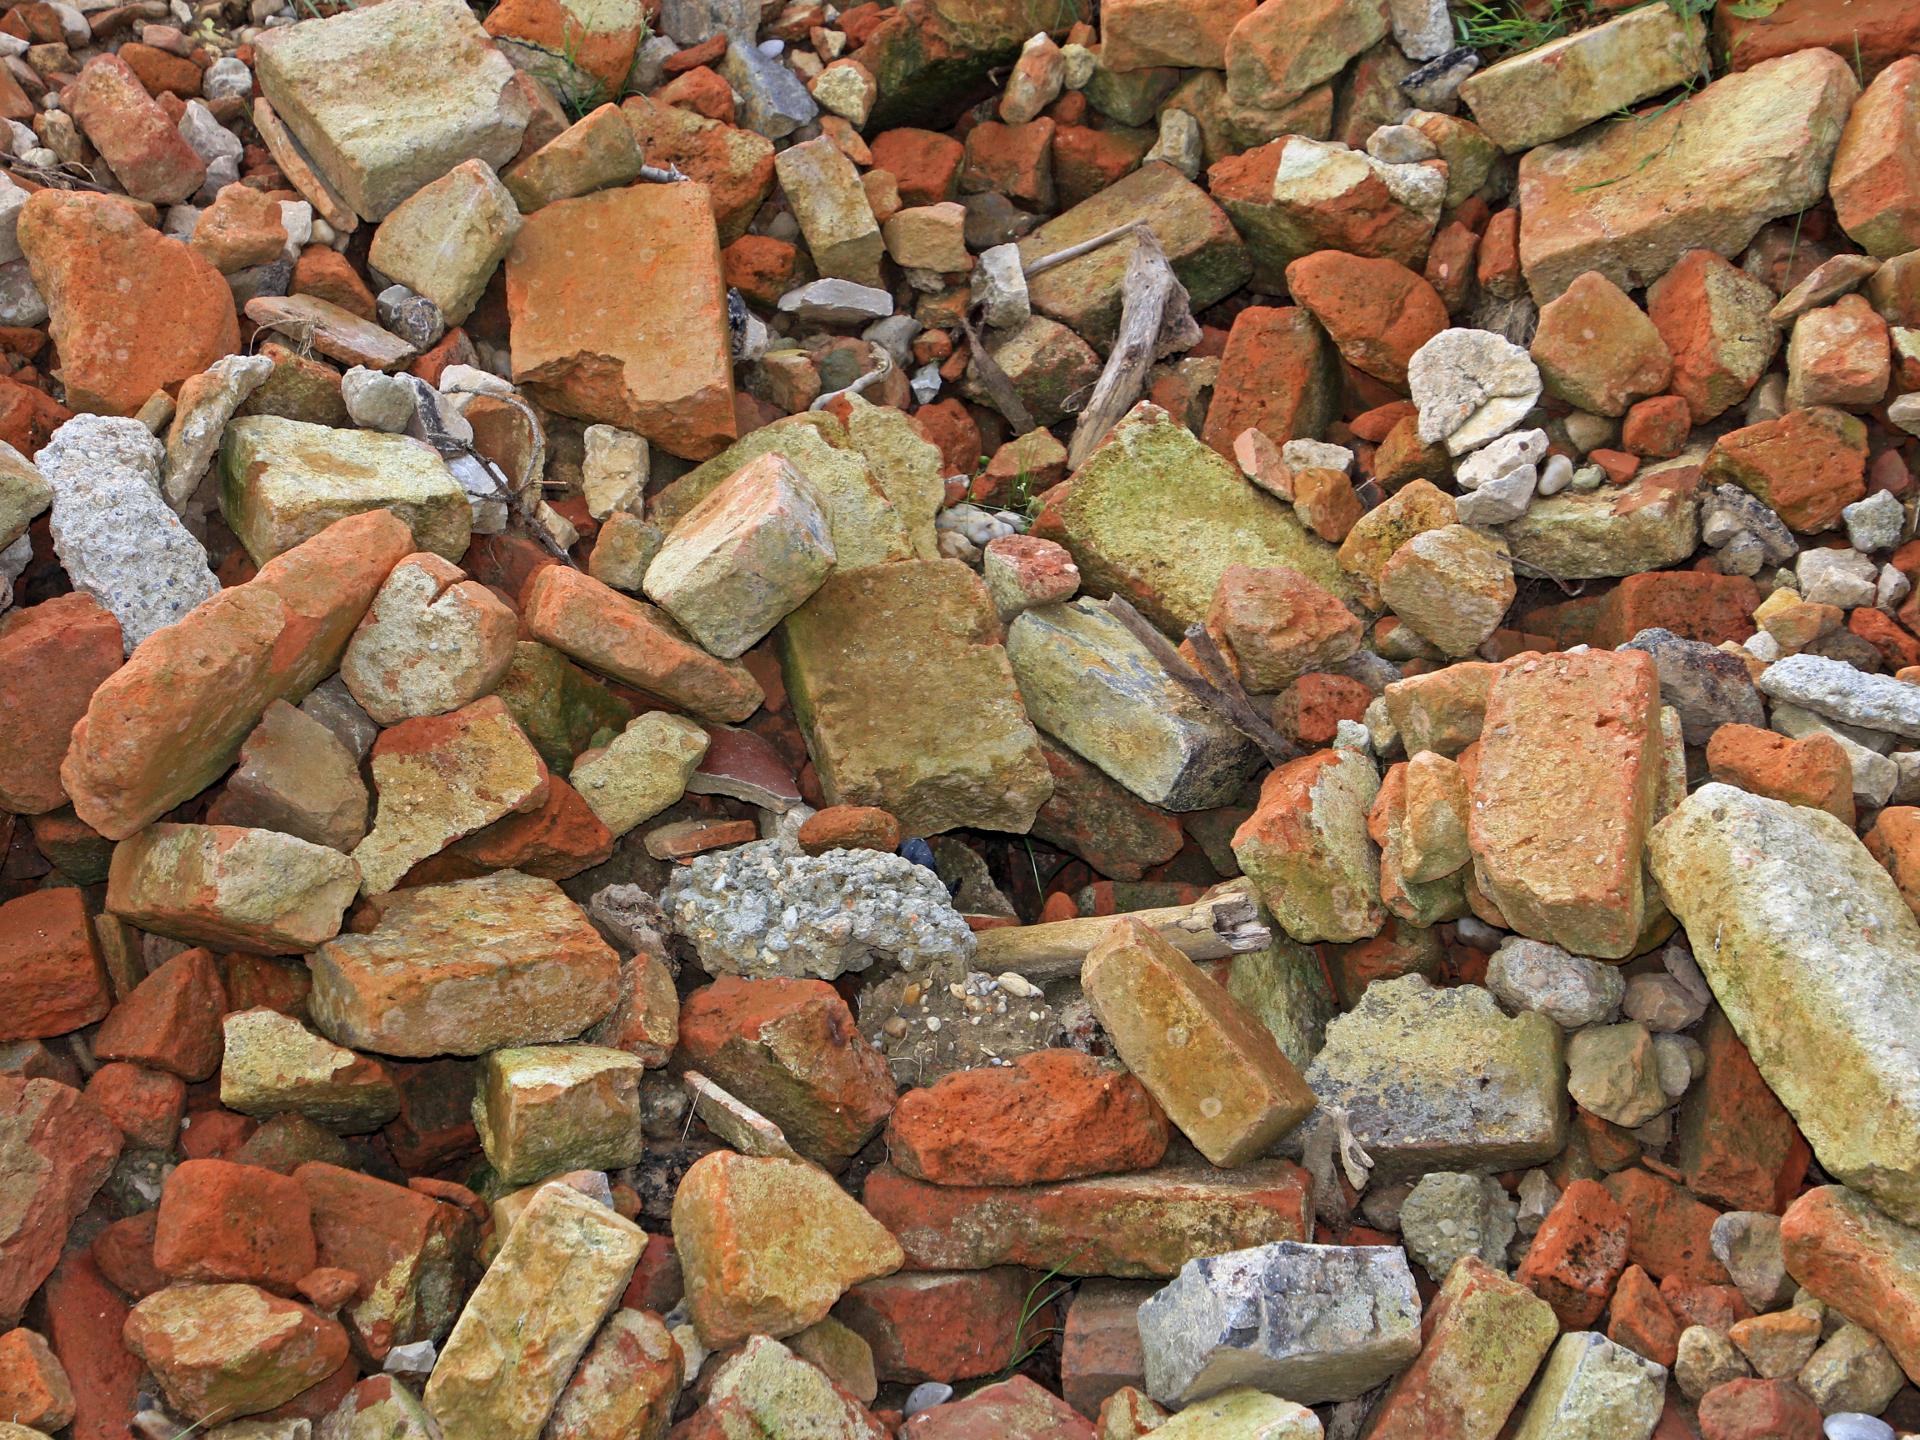 Auch Ziegel aus Abbruchhäusern können noch sehr nützlich sein. Sie können im Garten als Hochbeet-Begrenzung oder für einen Weg verwendet werden. - Photocredit: pixabay.com/GeorgSchober